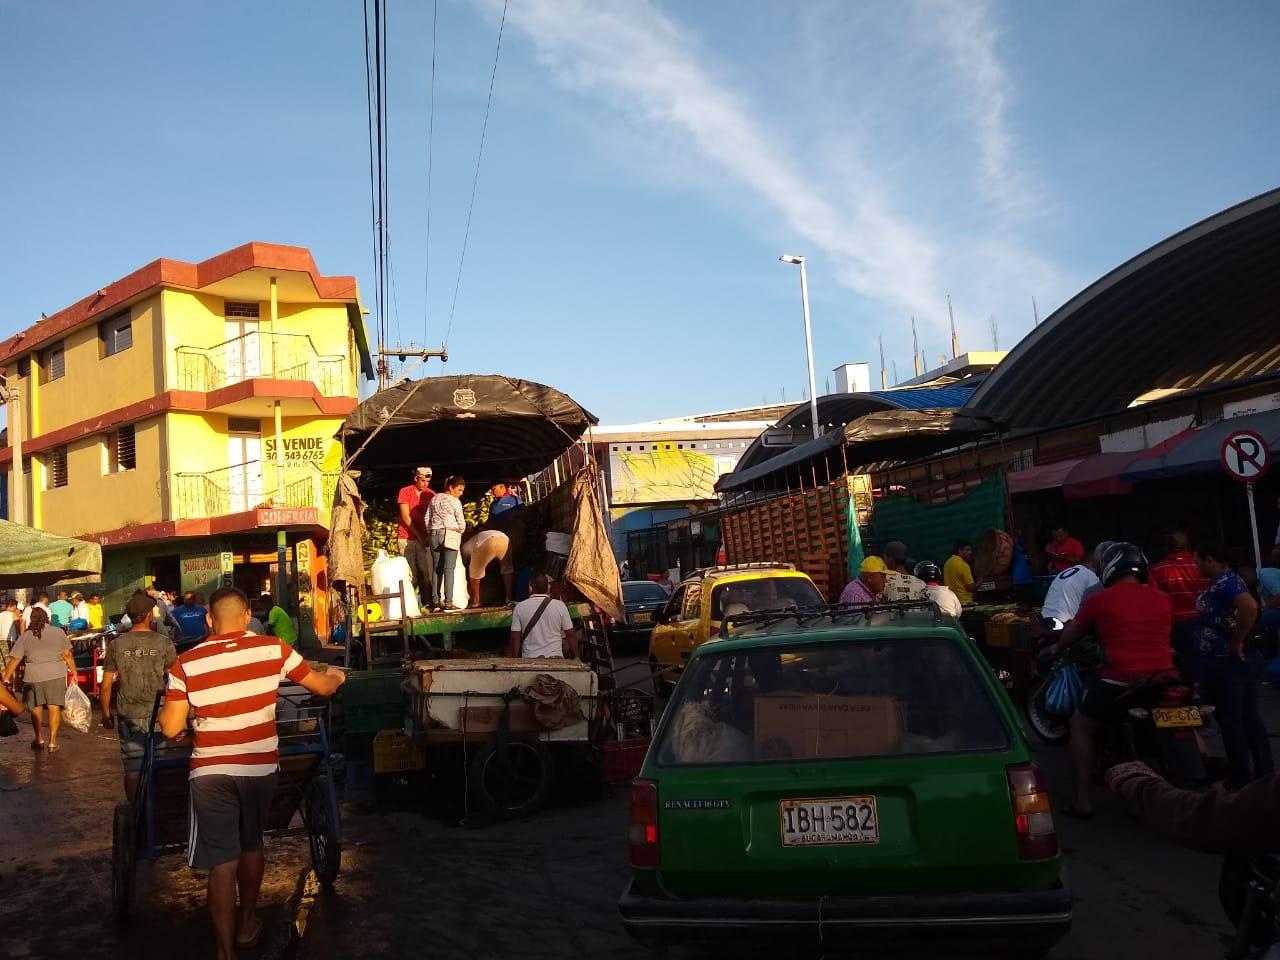 Carros y carretillas invaden las calles